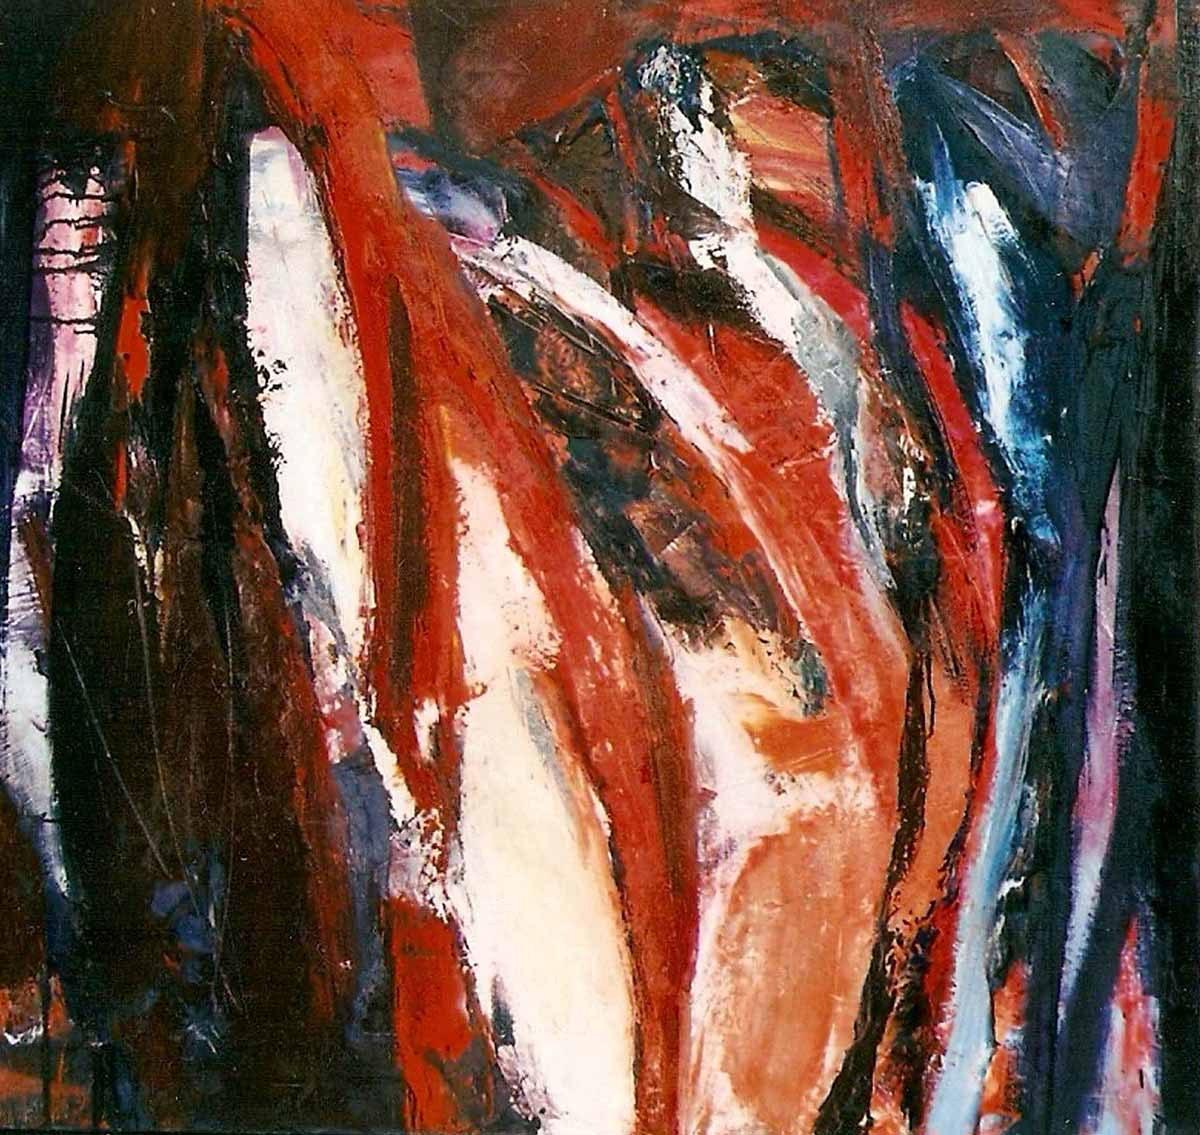 Małgorzata Adamczak, 1969, The path, 2003